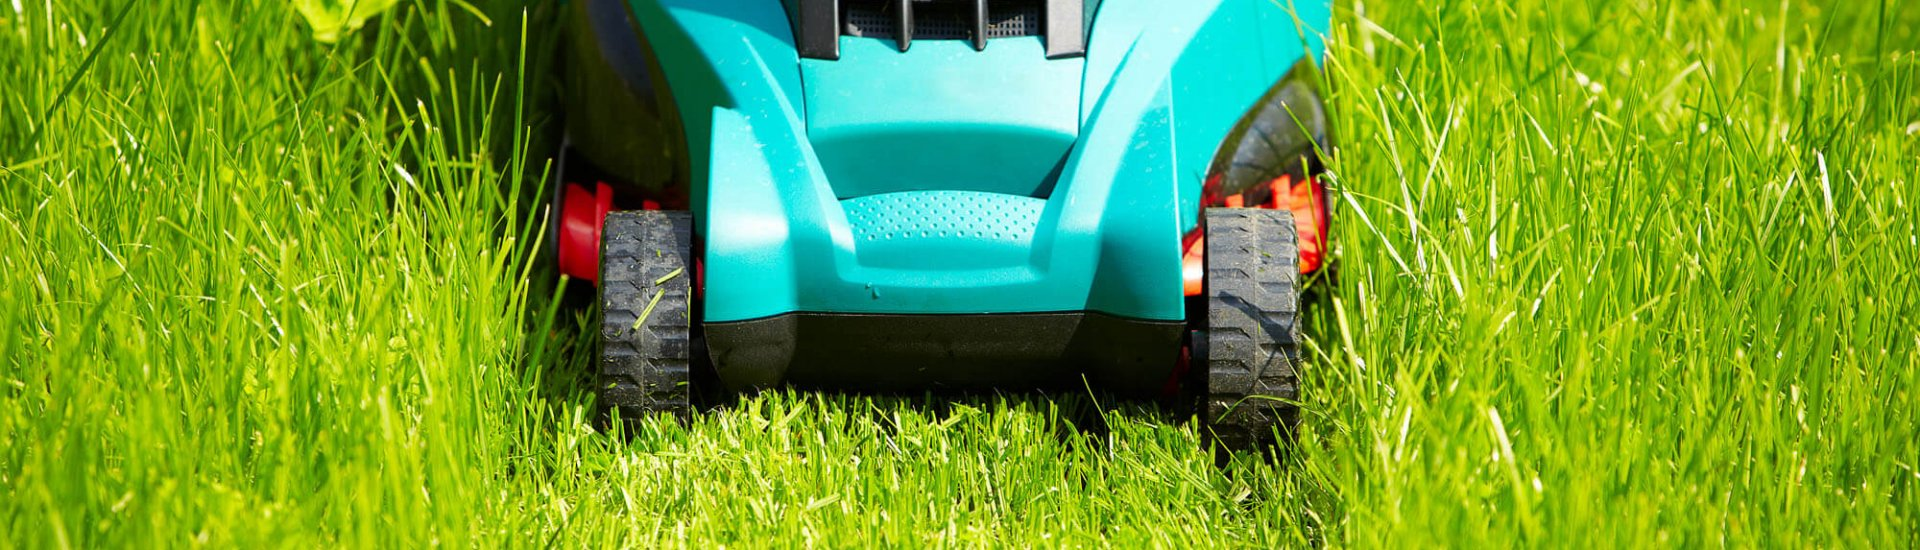 Akku Rasenmäher mit Mulchfunktion - Natürlicher Dünger für den Rasen